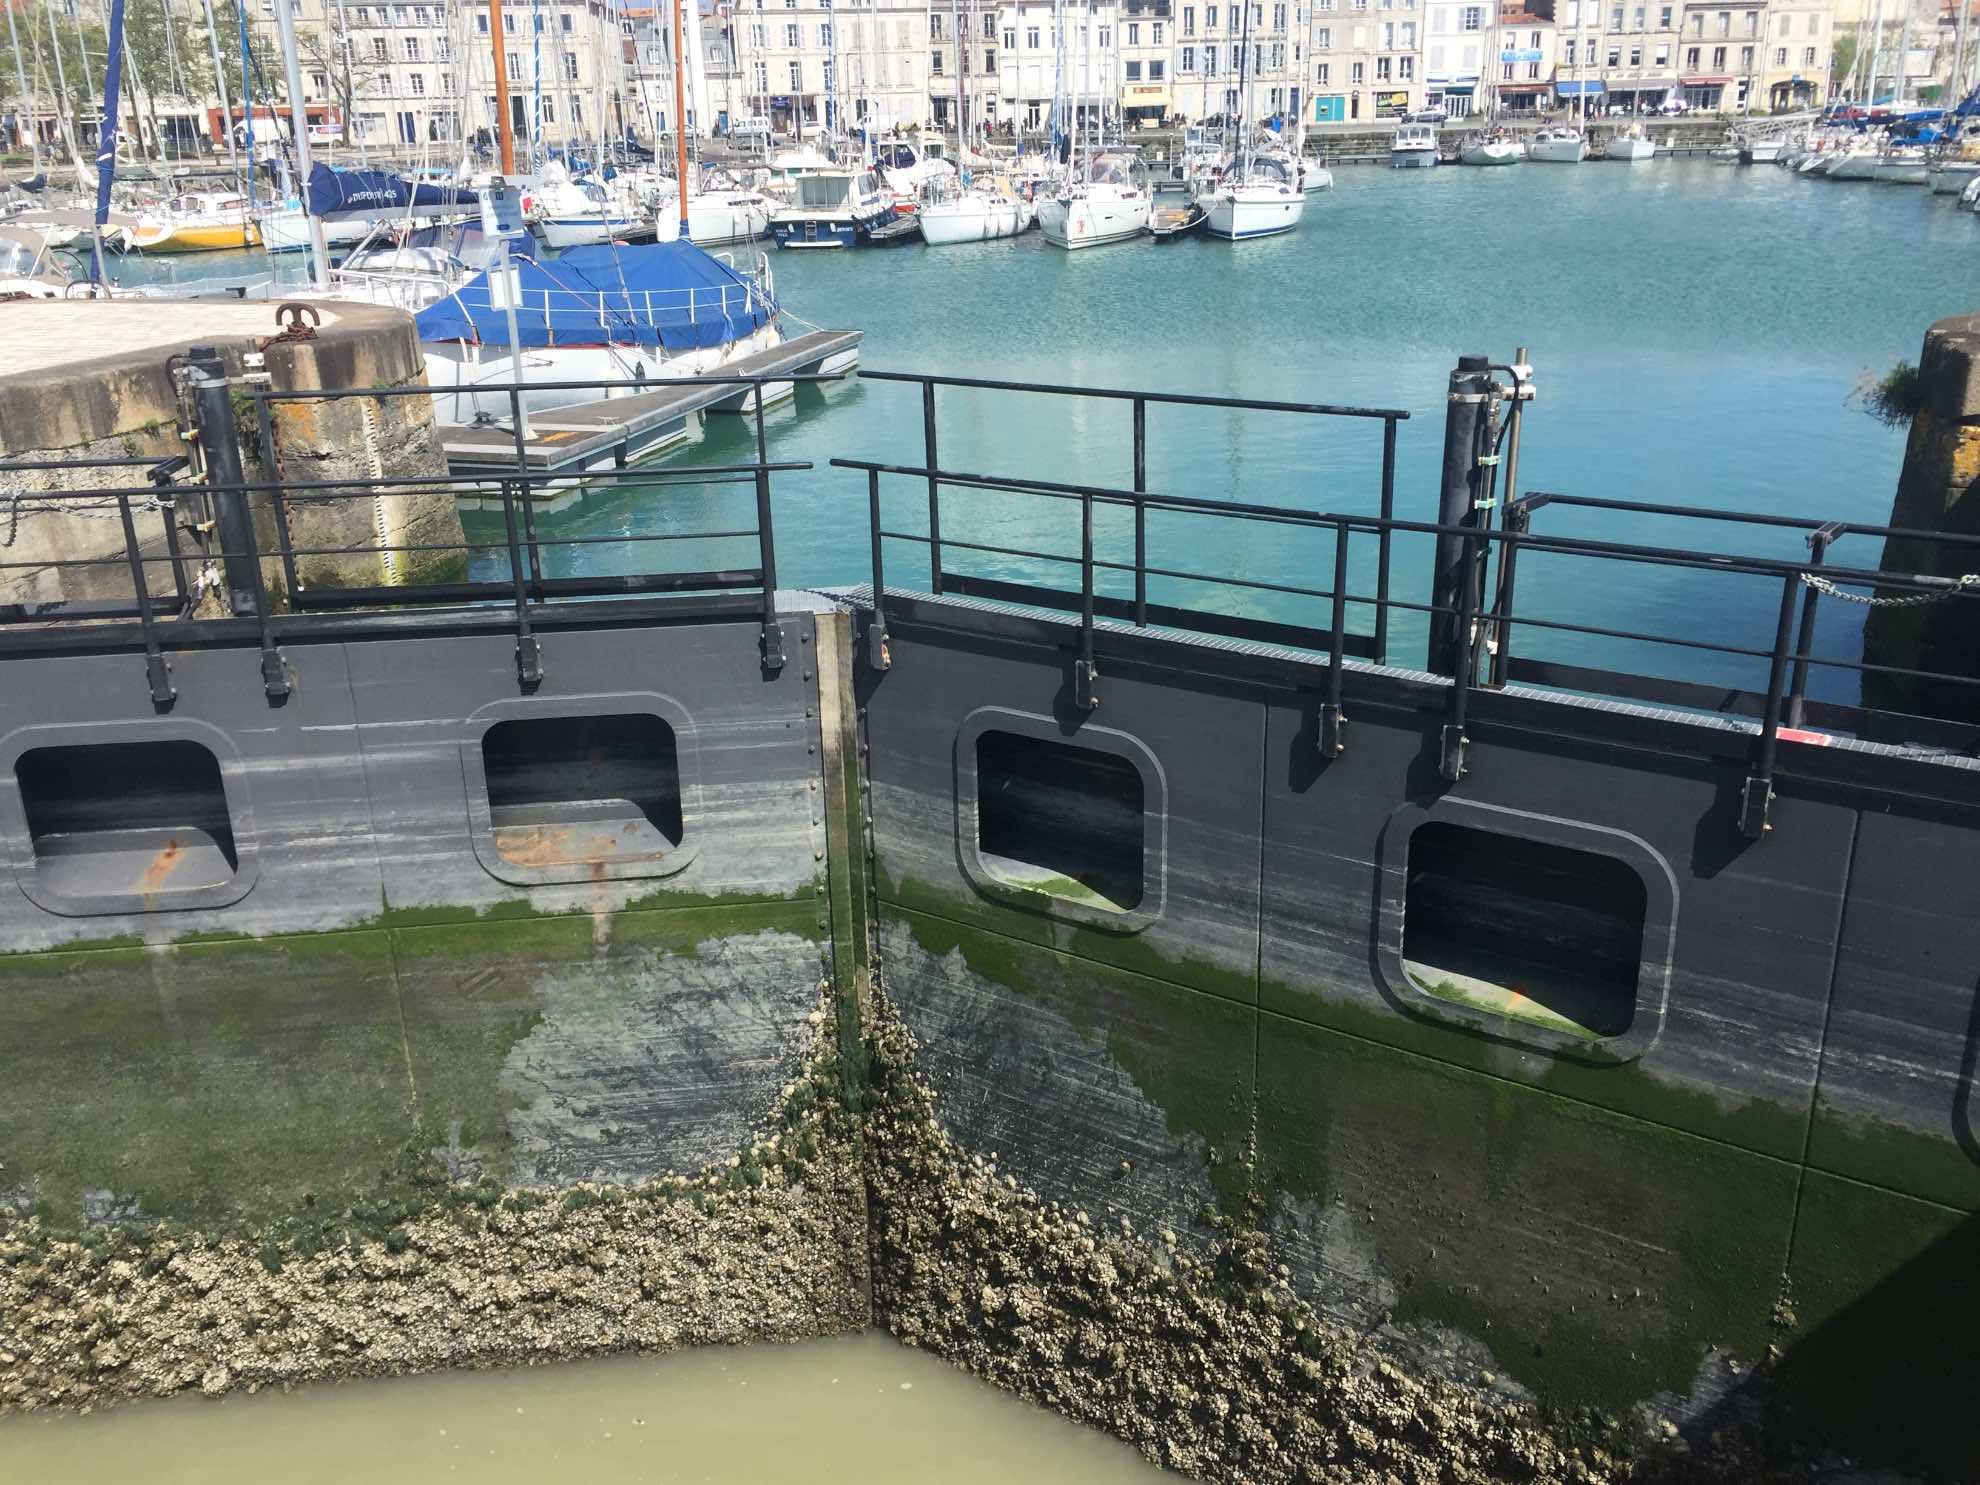 Zum Glück liegt unser Hafenbecken hinter einem Schleusentor, das nur bei Flut offen ist